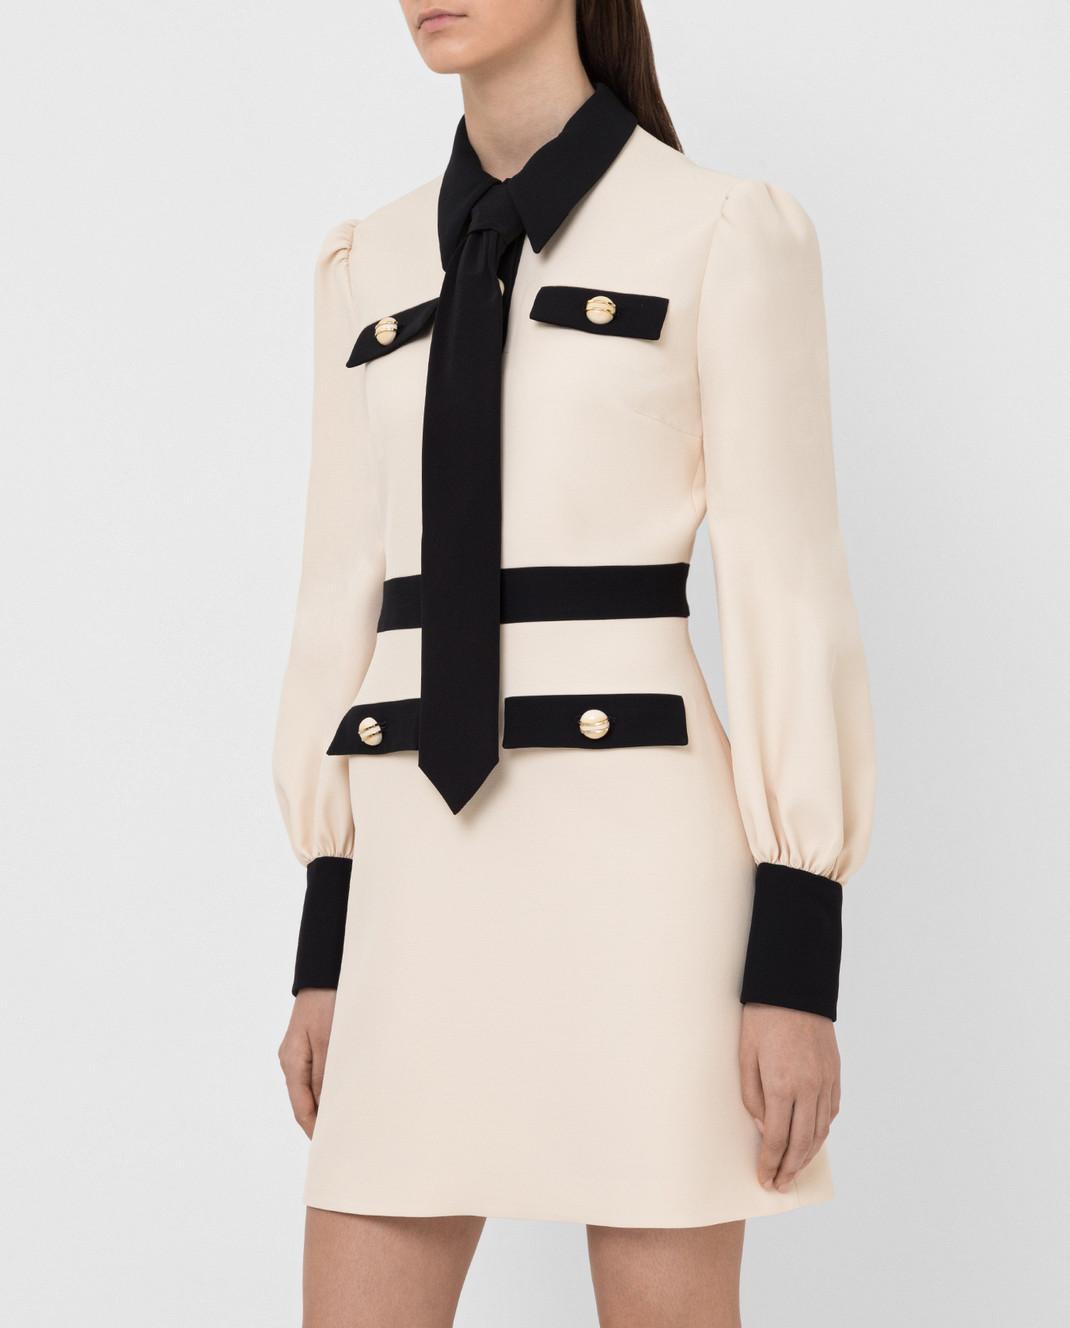 Gucci Светло-бежевое платье 595257 изображение 3